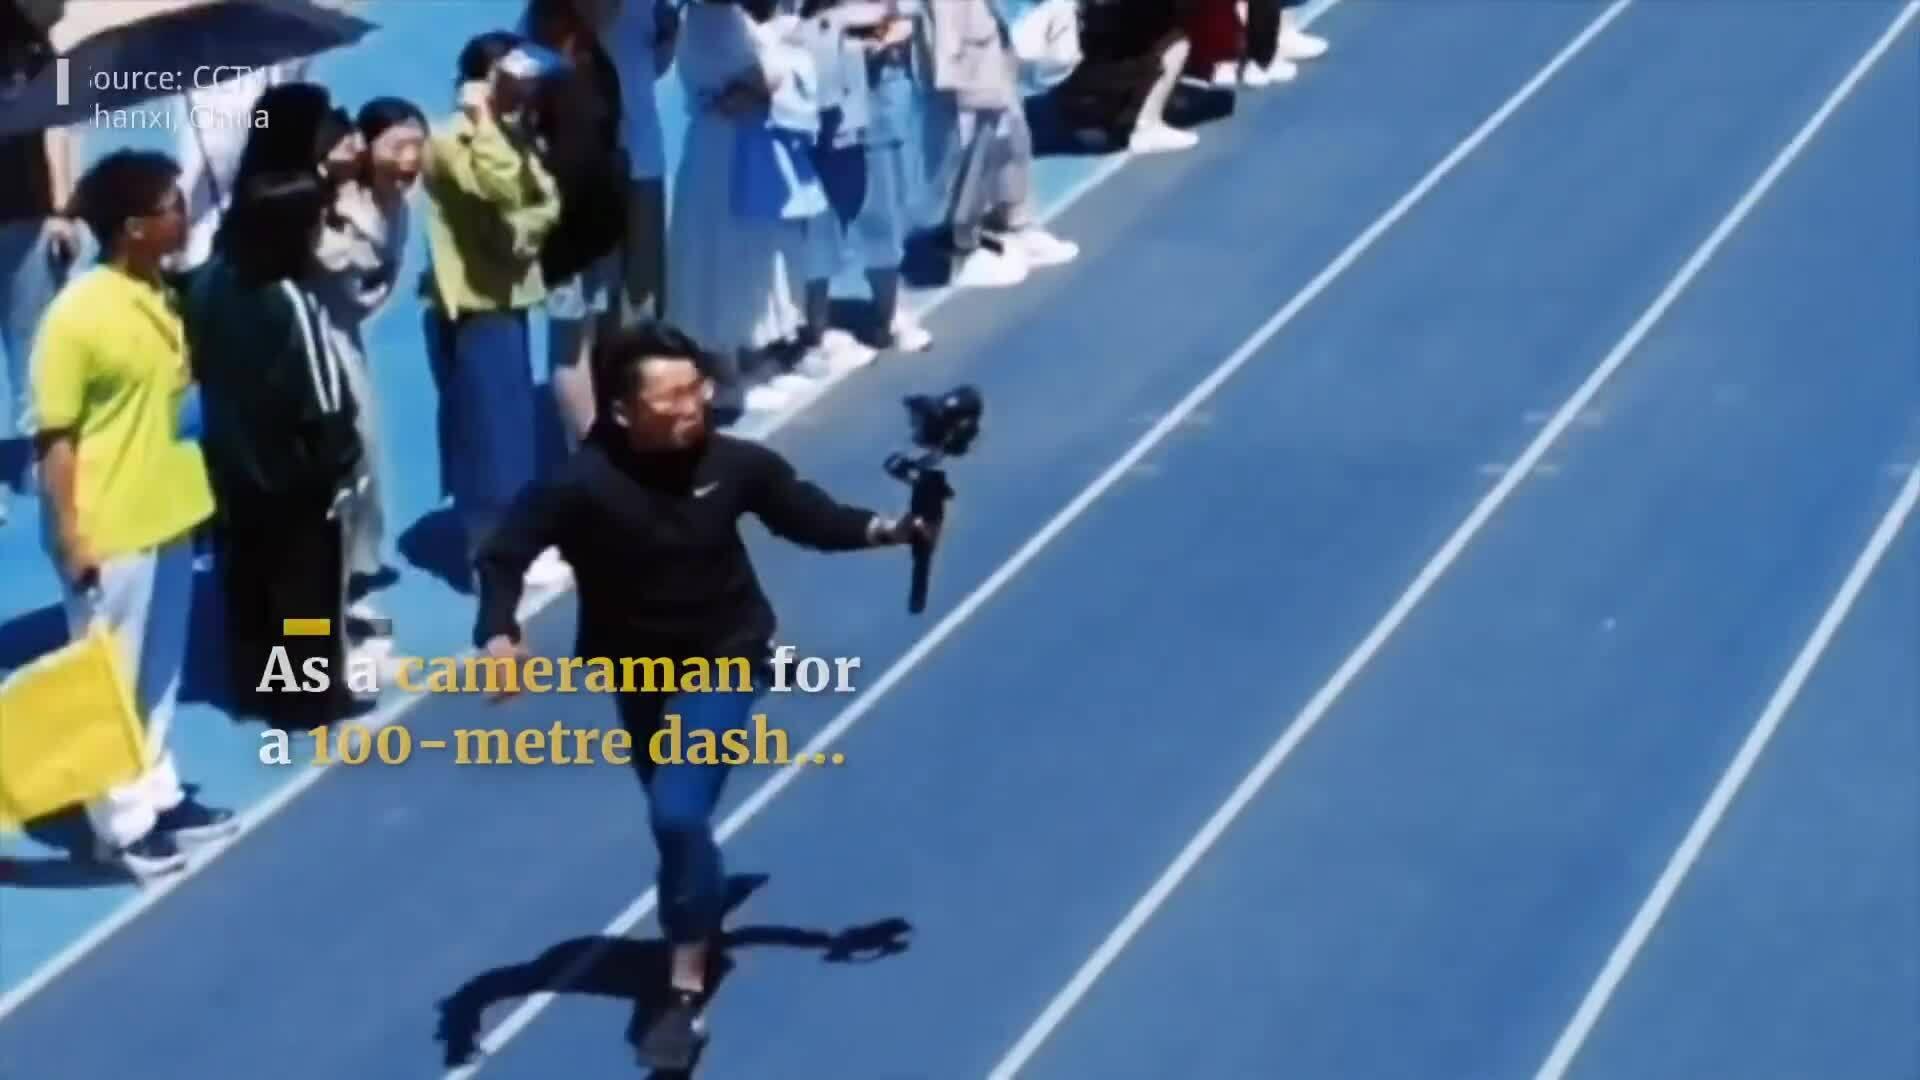 Cameraman chiếm trọn chú ý khi chạy vượt cả VĐV